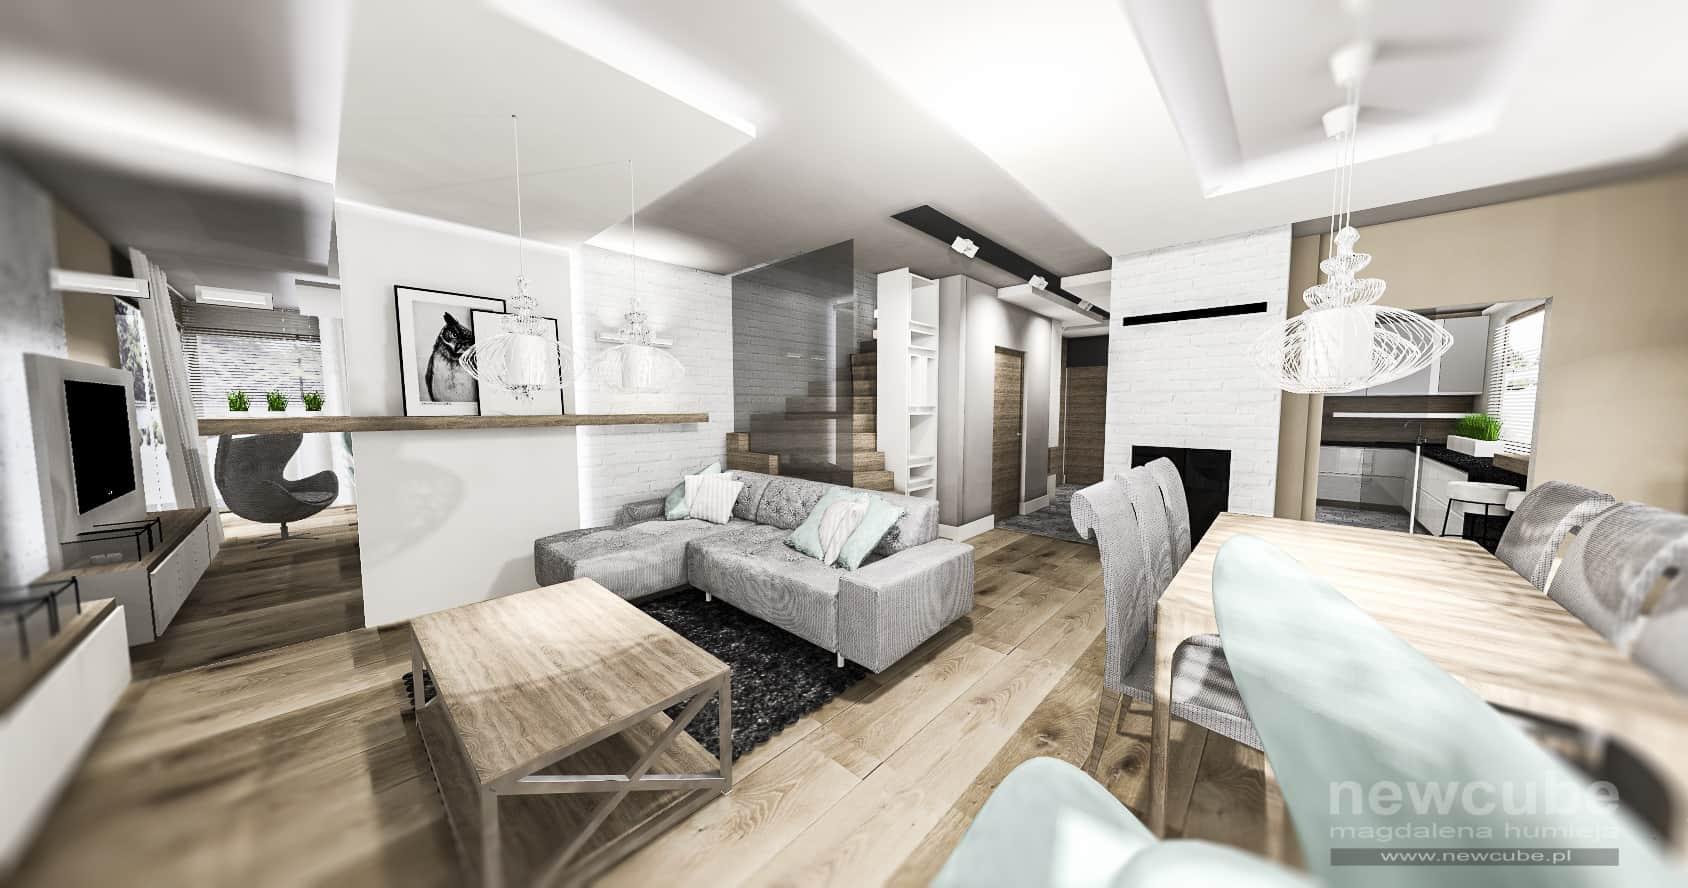 aranzacja-wnetrz-projekt-architekt-new-cube-9-20170818